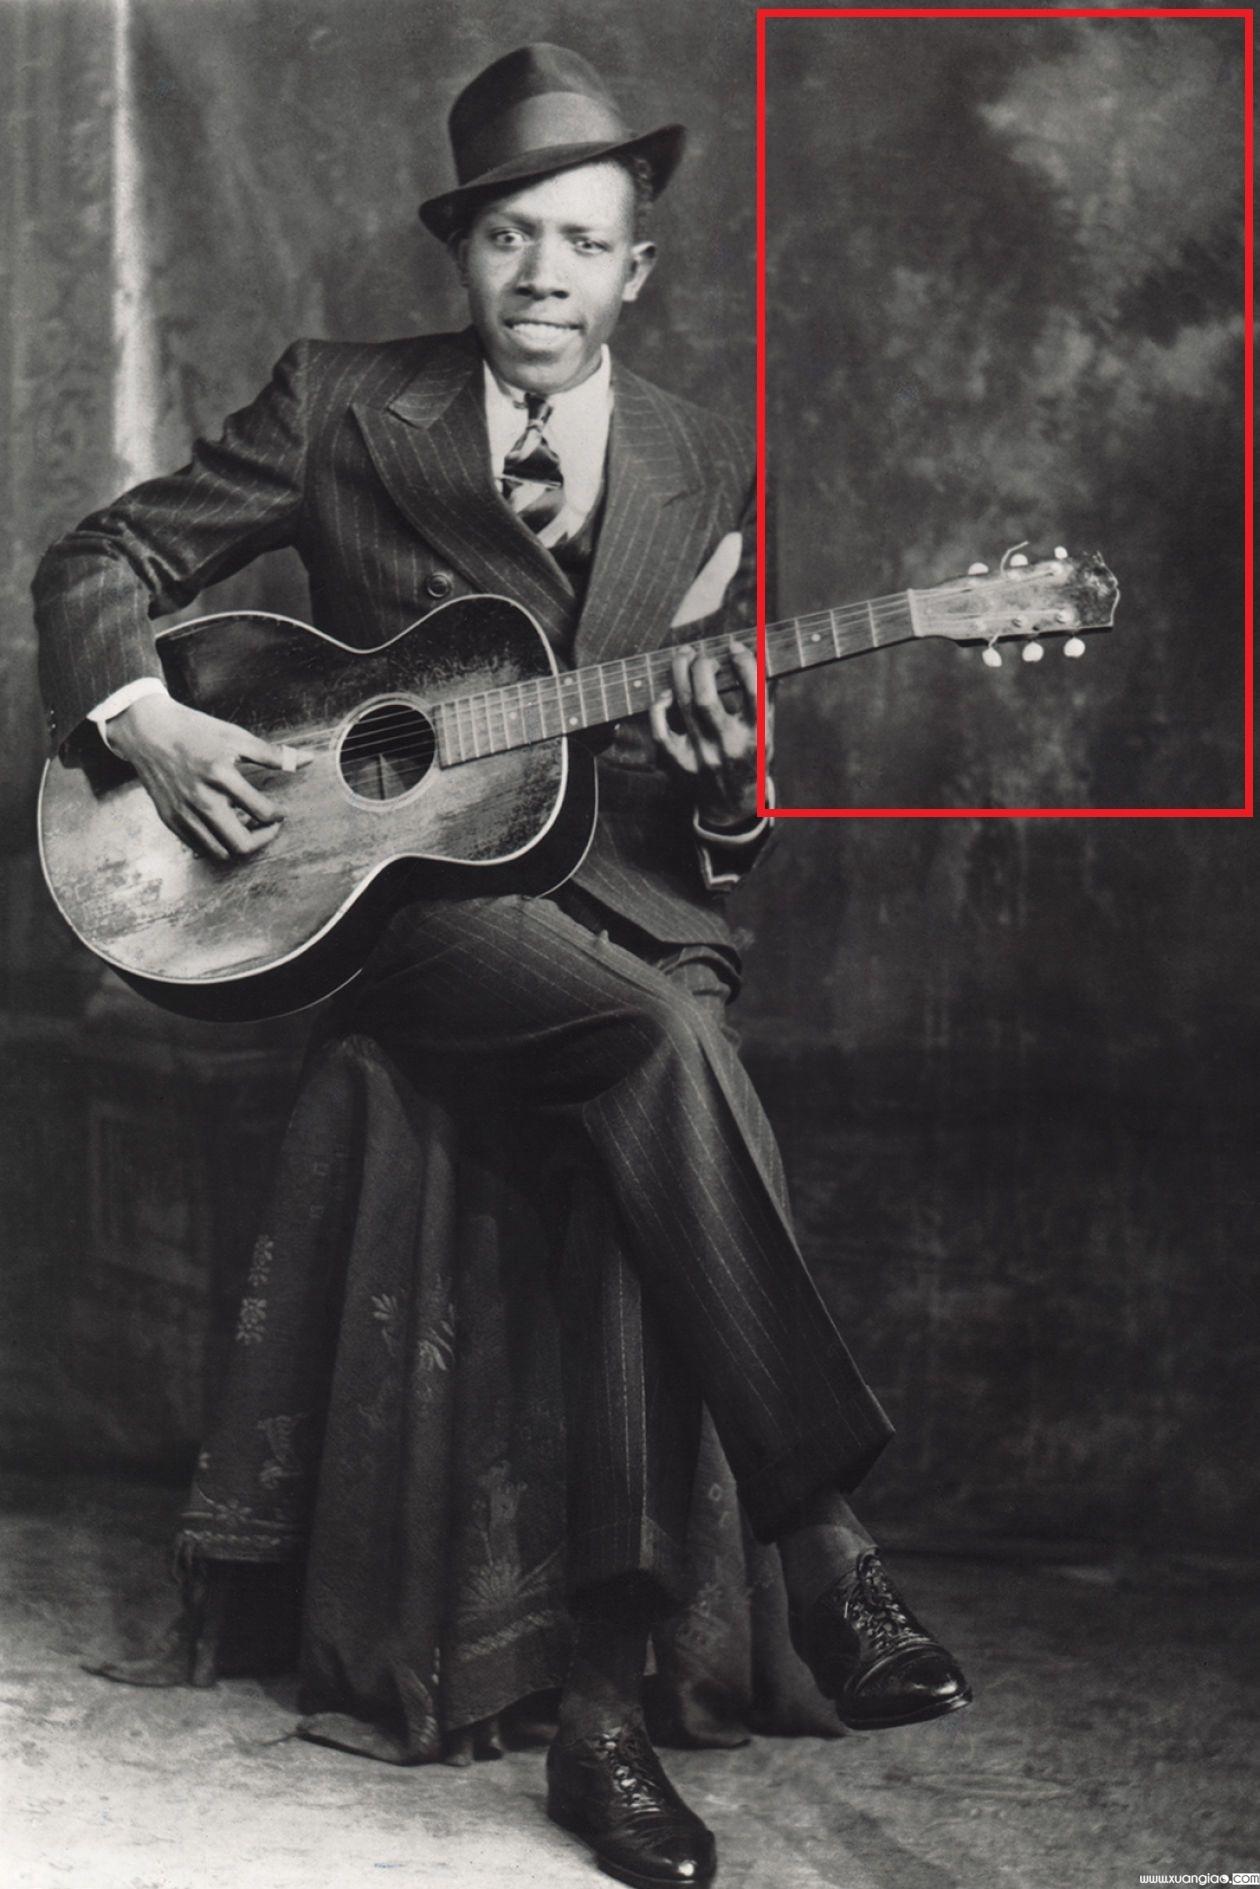 Johnson đã đánh đổi linh hồn của mình để có năng lực biểu diễn âm nhạc tuyệt vời. (Ảnh qua Pinterest)